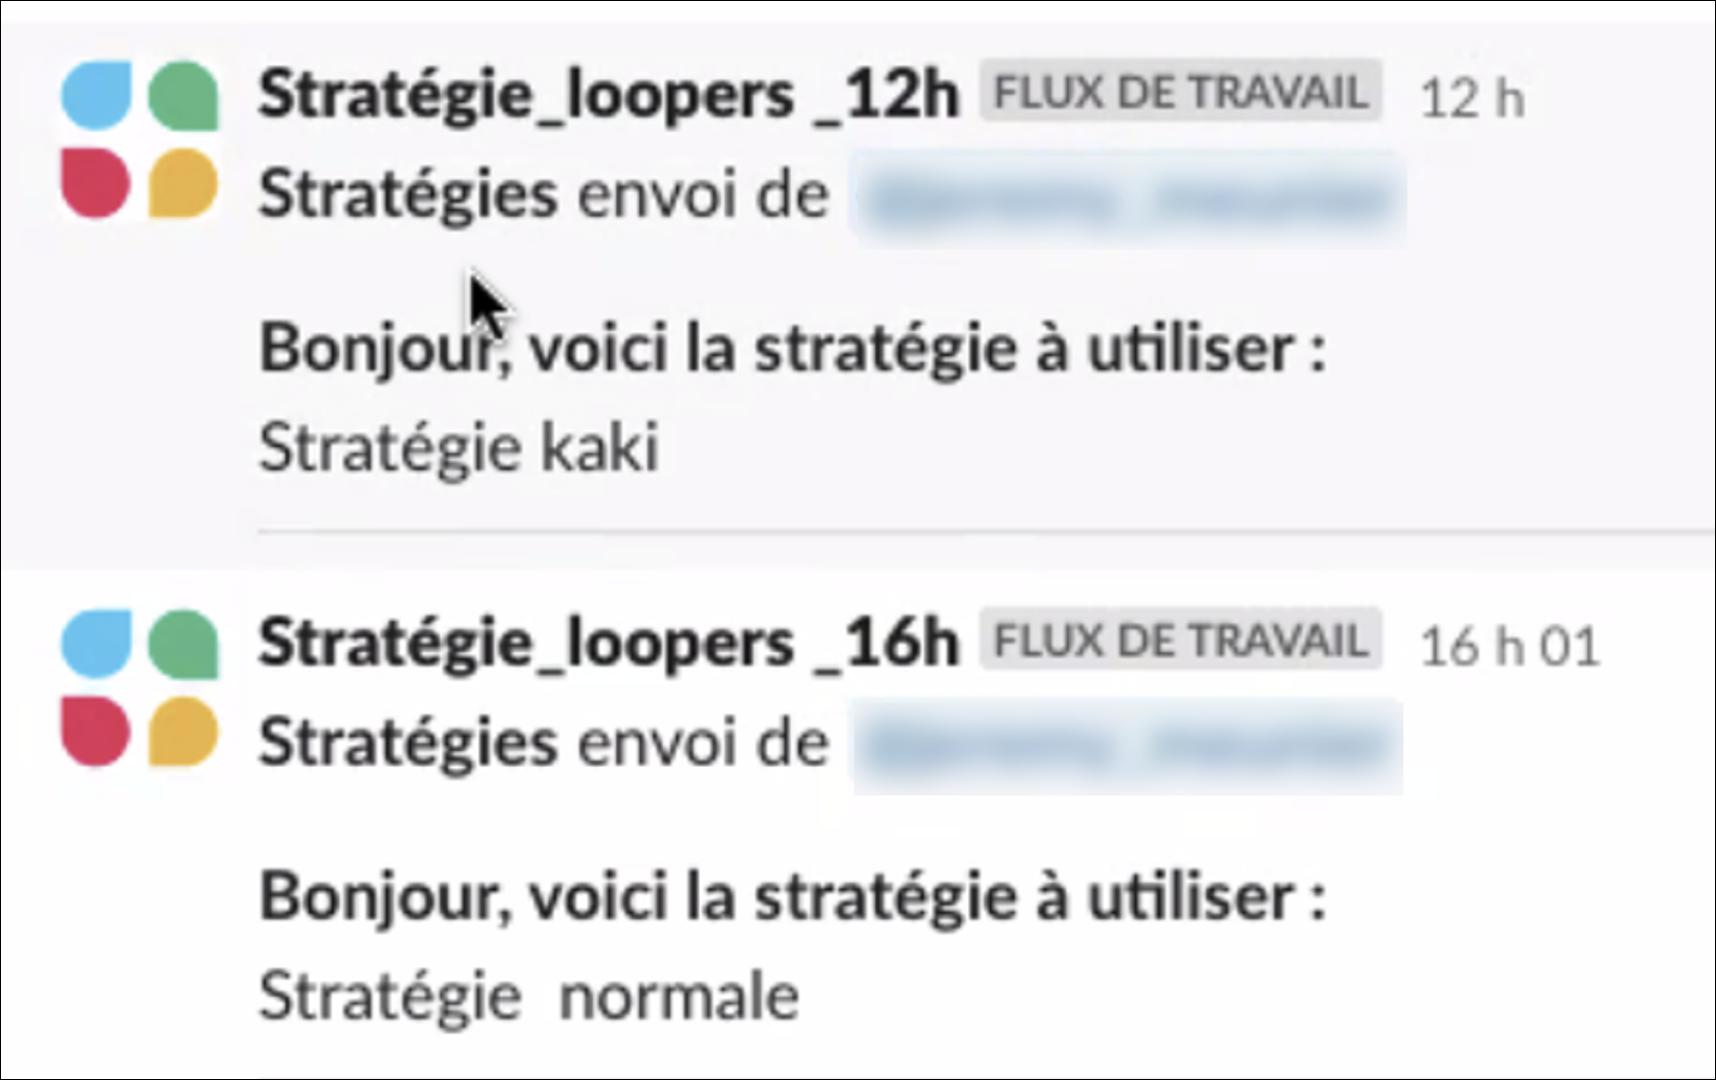 Strategie loopers